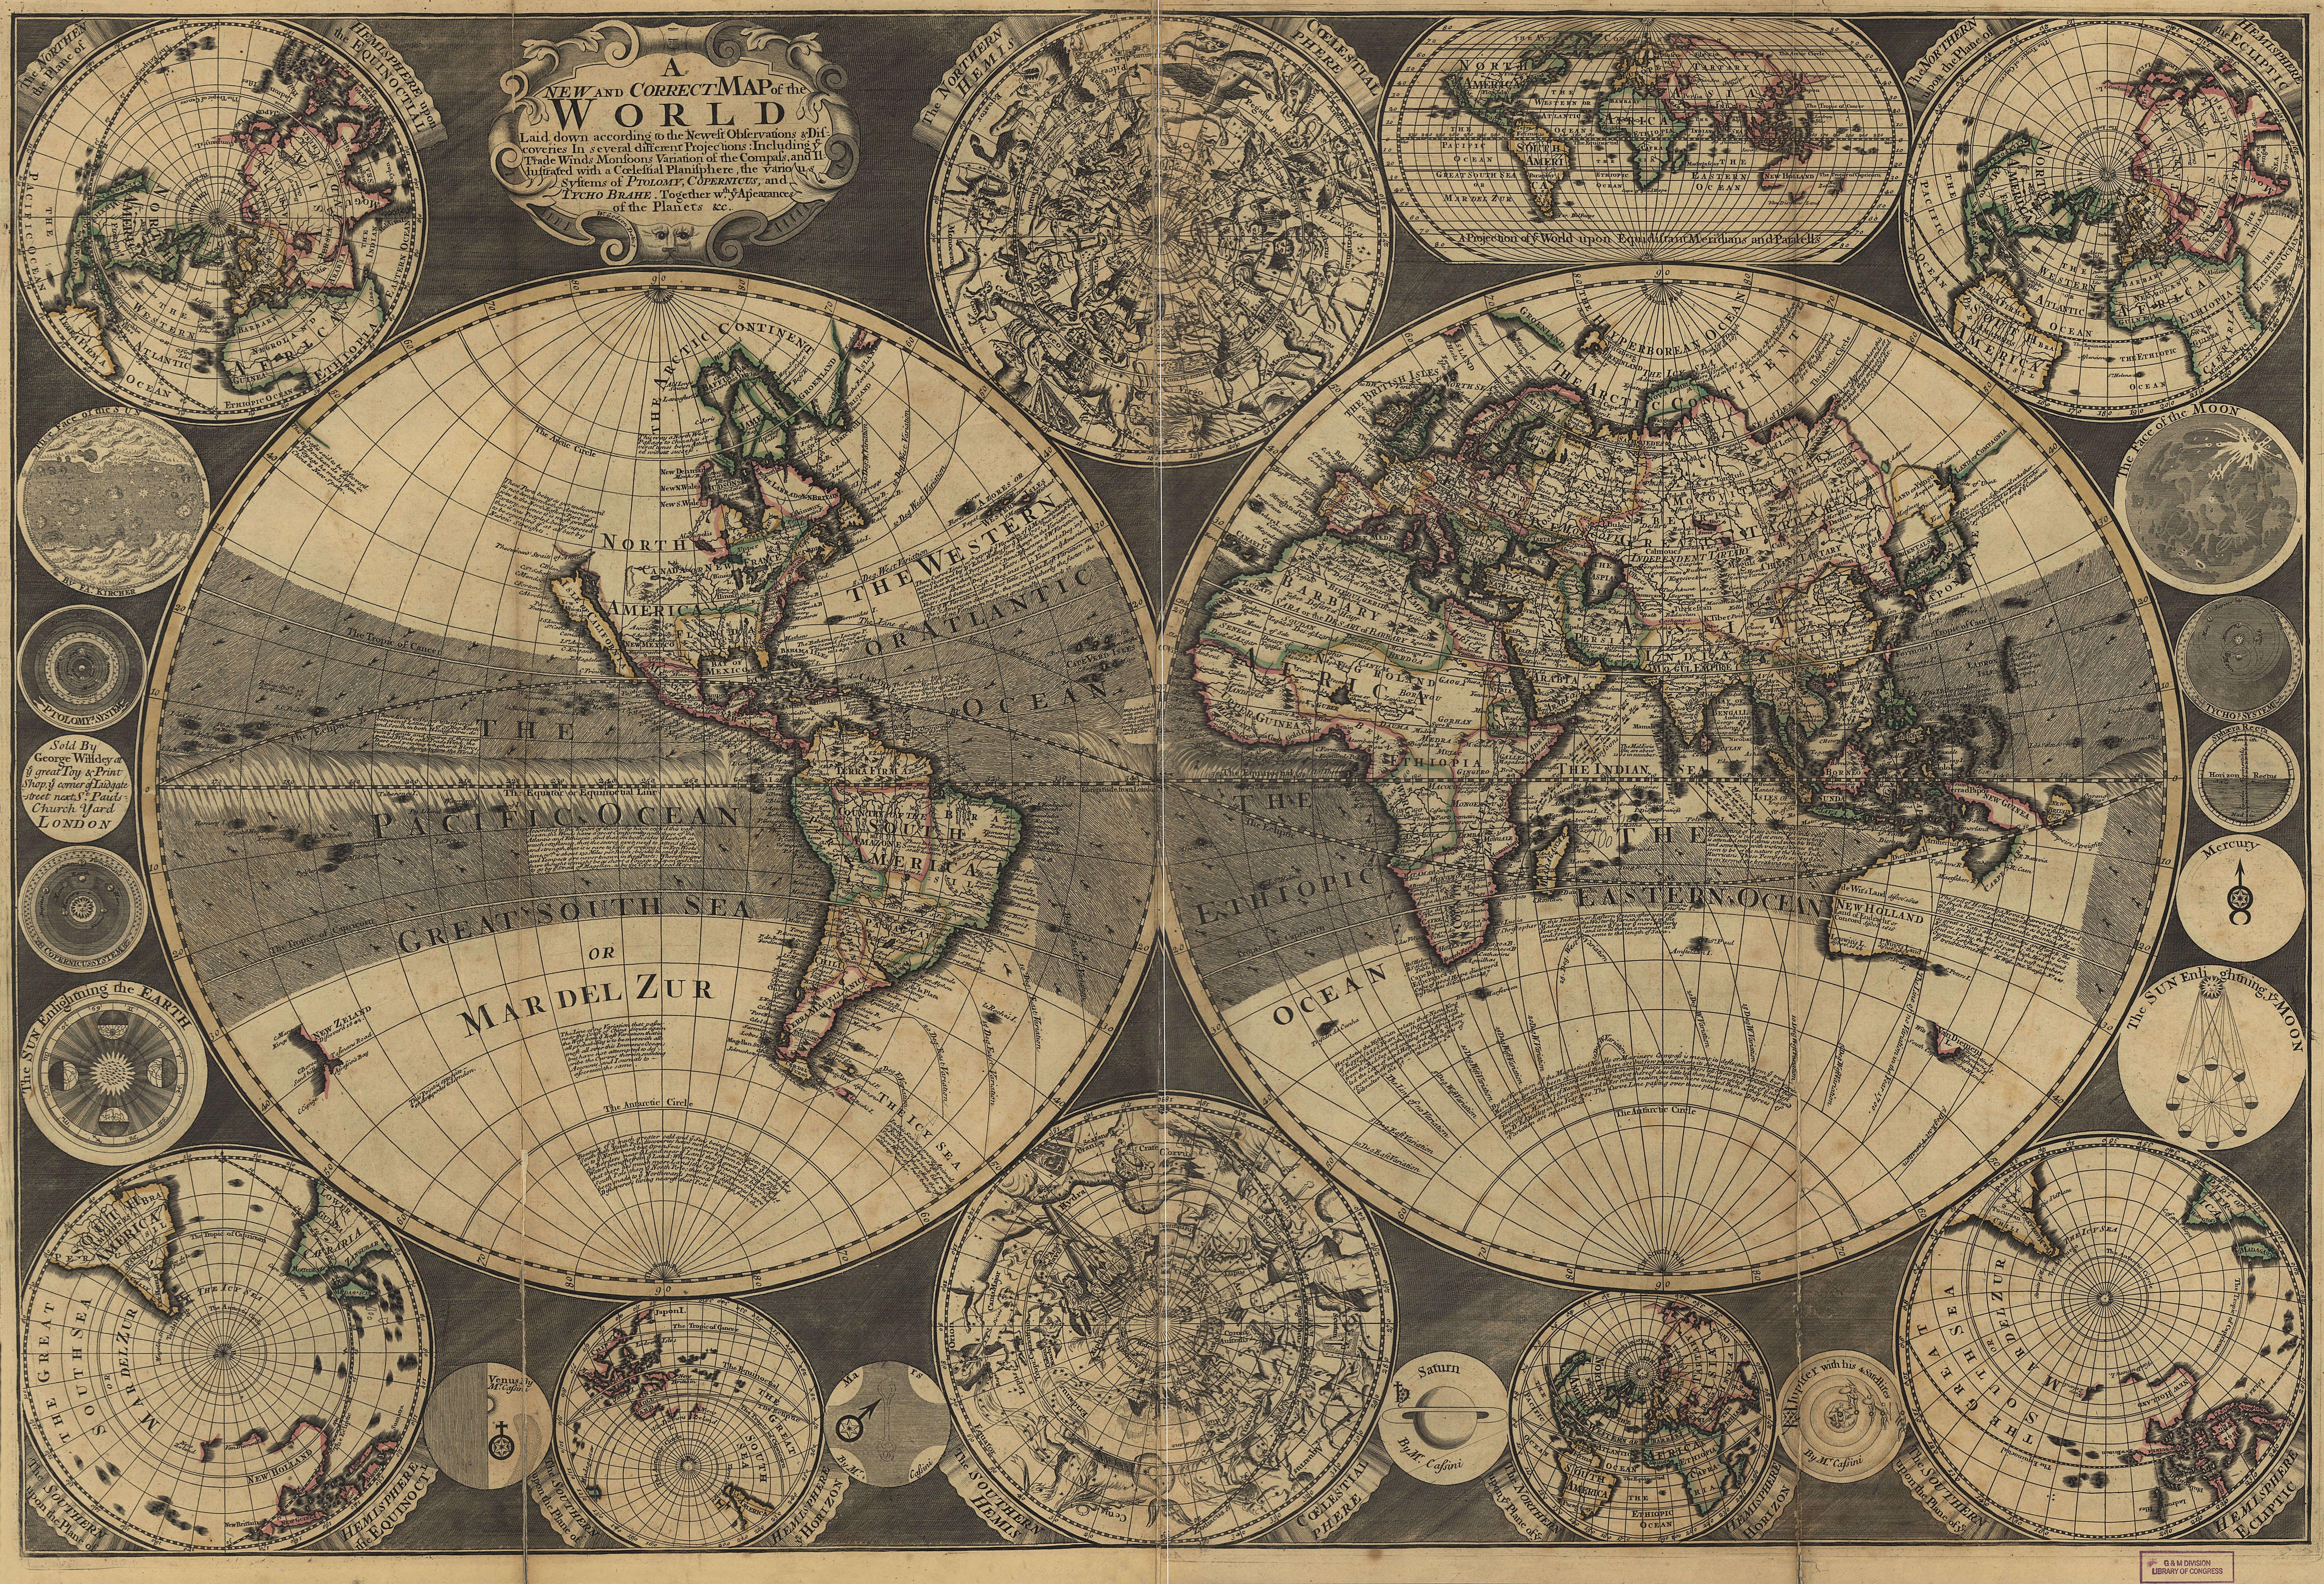 Регионы картинкой